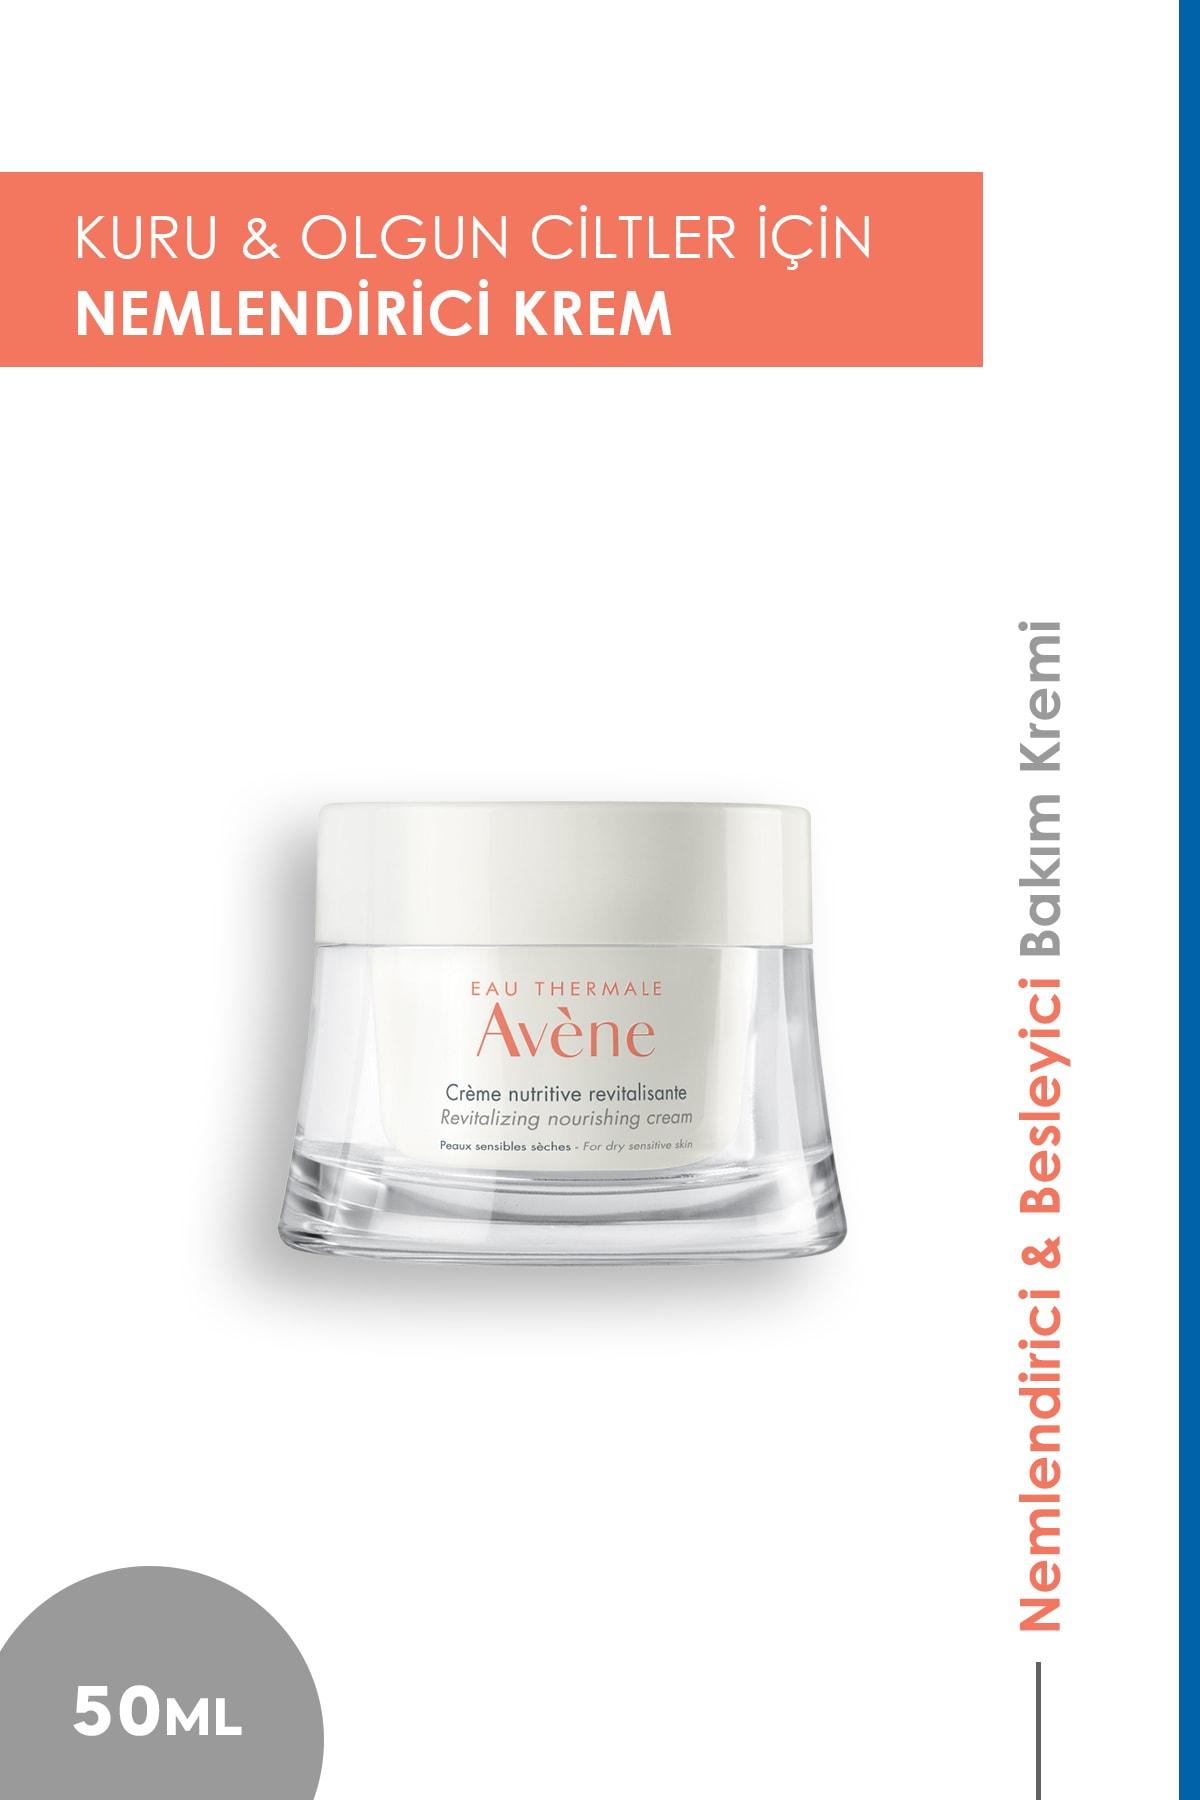 Avene Kuru Ciltler Için Nemlendirici -Creme Nutritive Revitalisante 50 ml 3282770209402 1